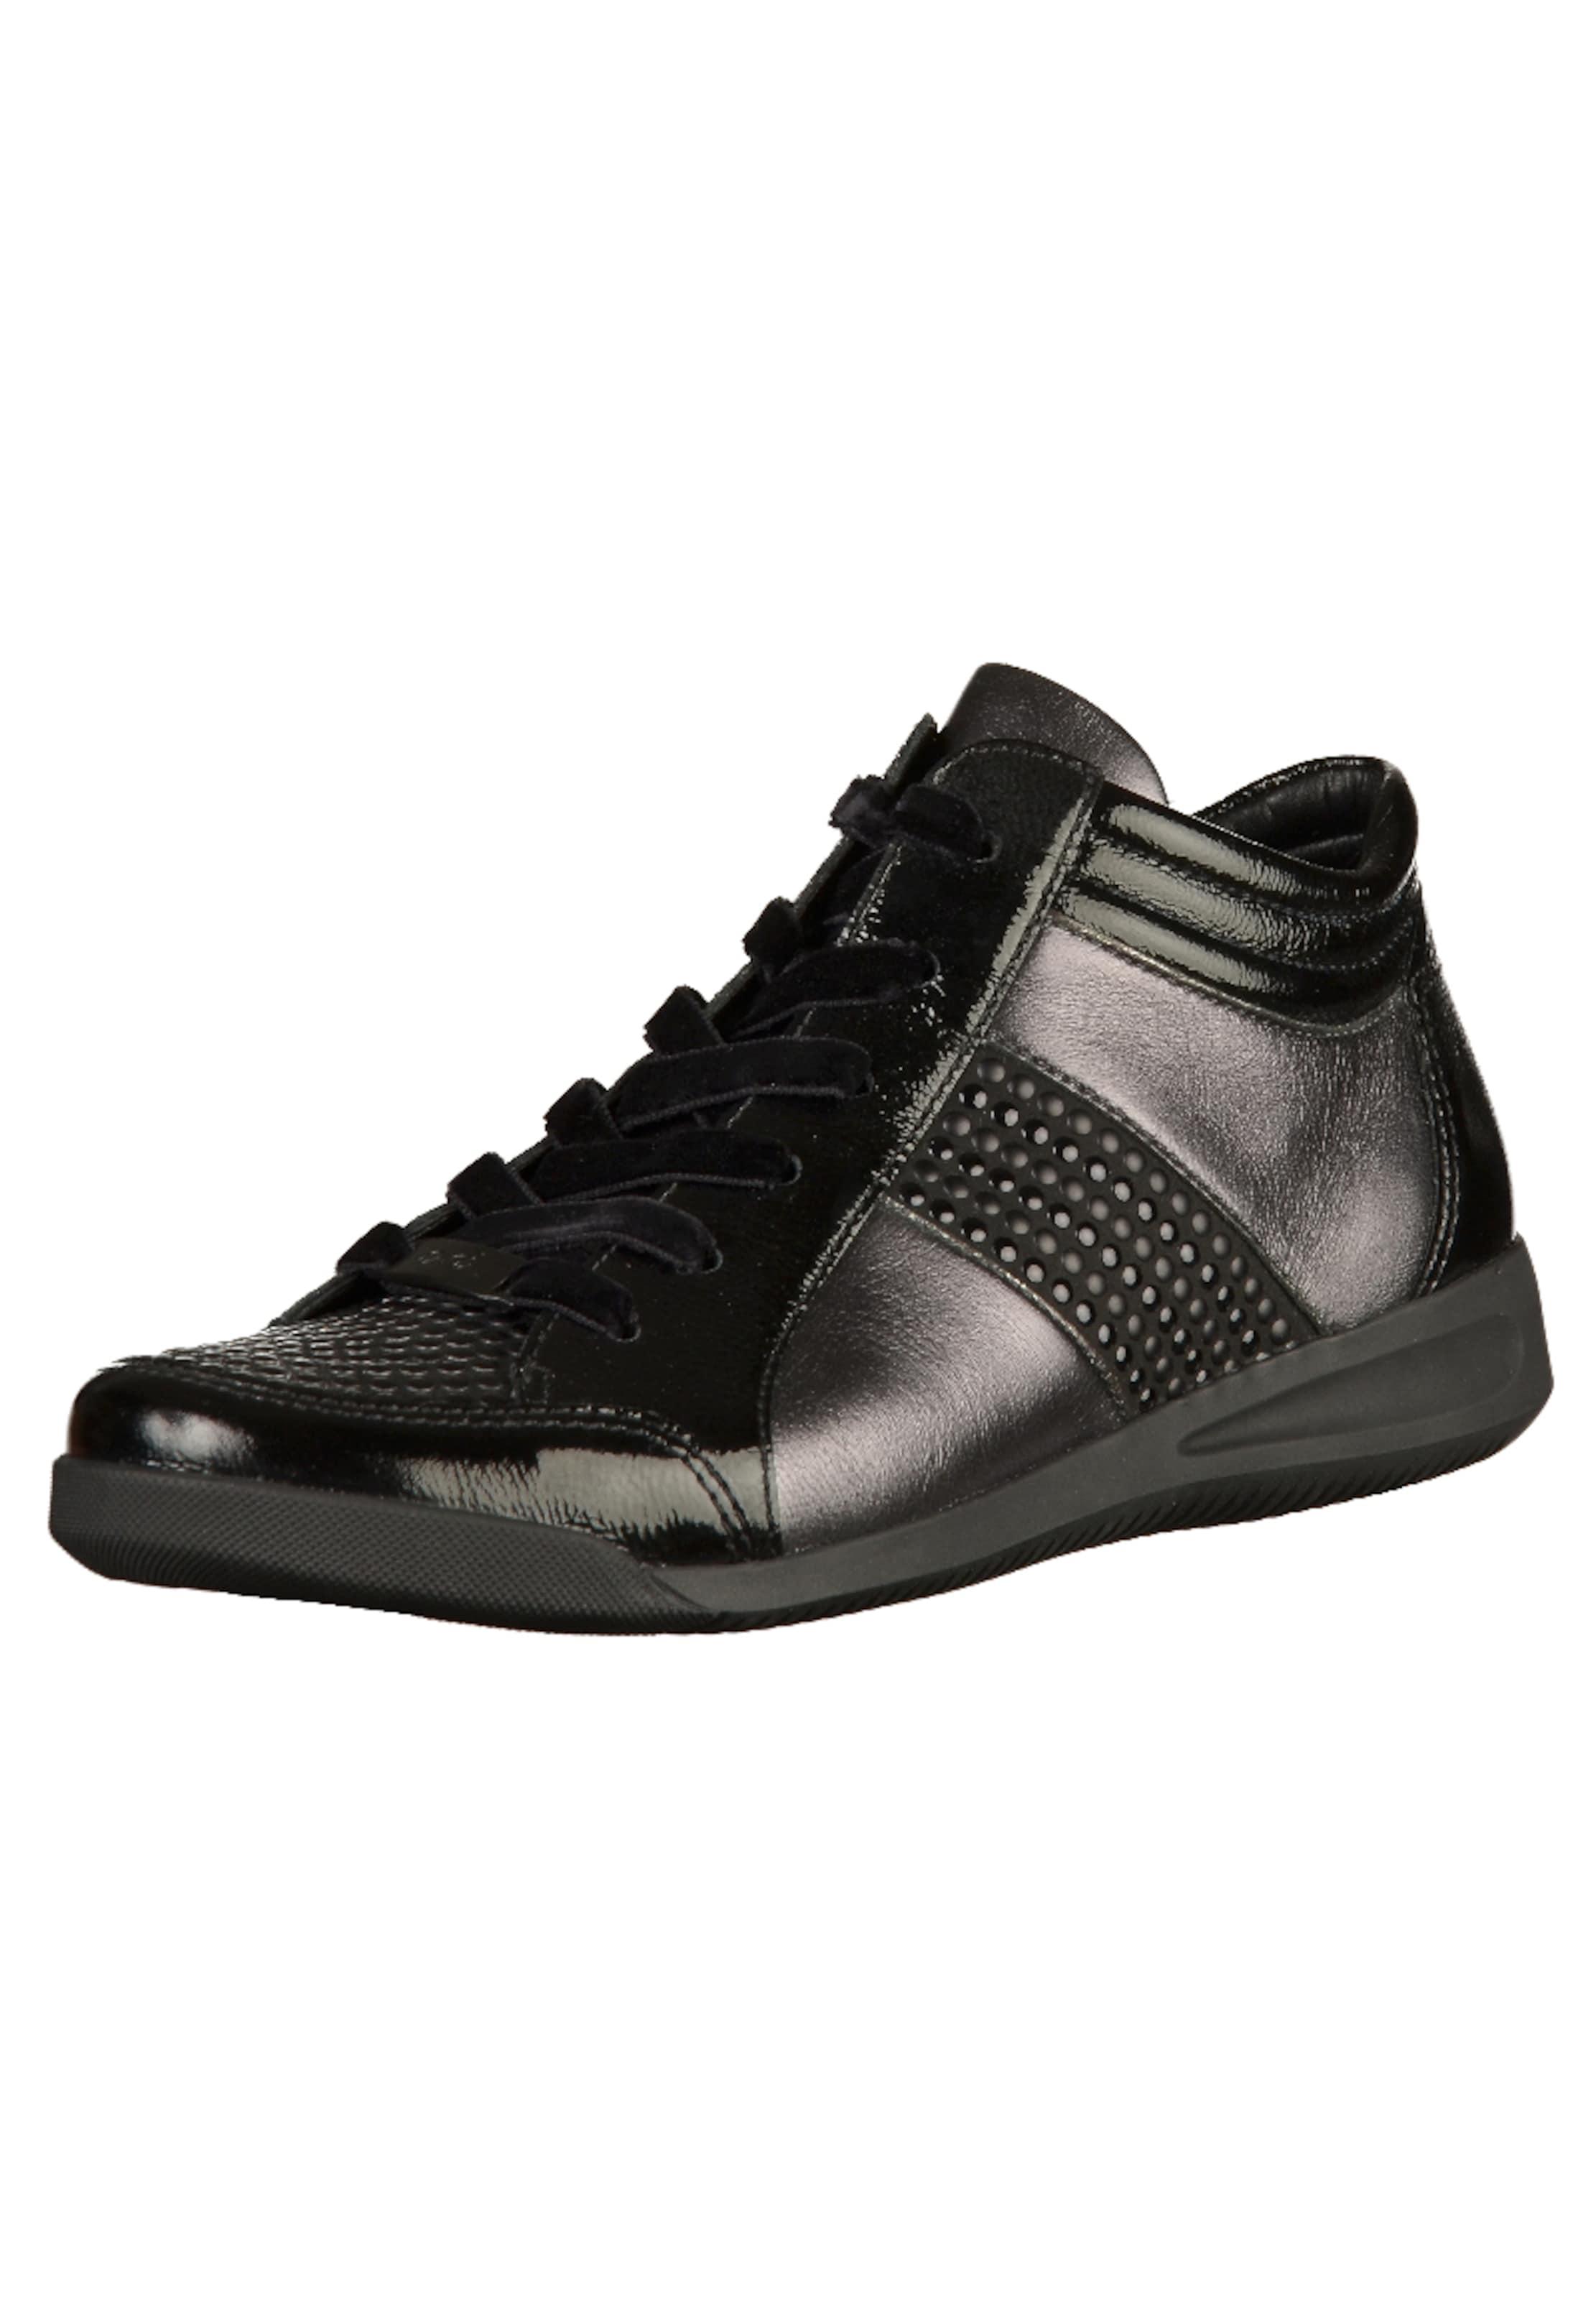 ARA Halbschuhe Verschleißfeste billige Schuhe Hohe Qualität